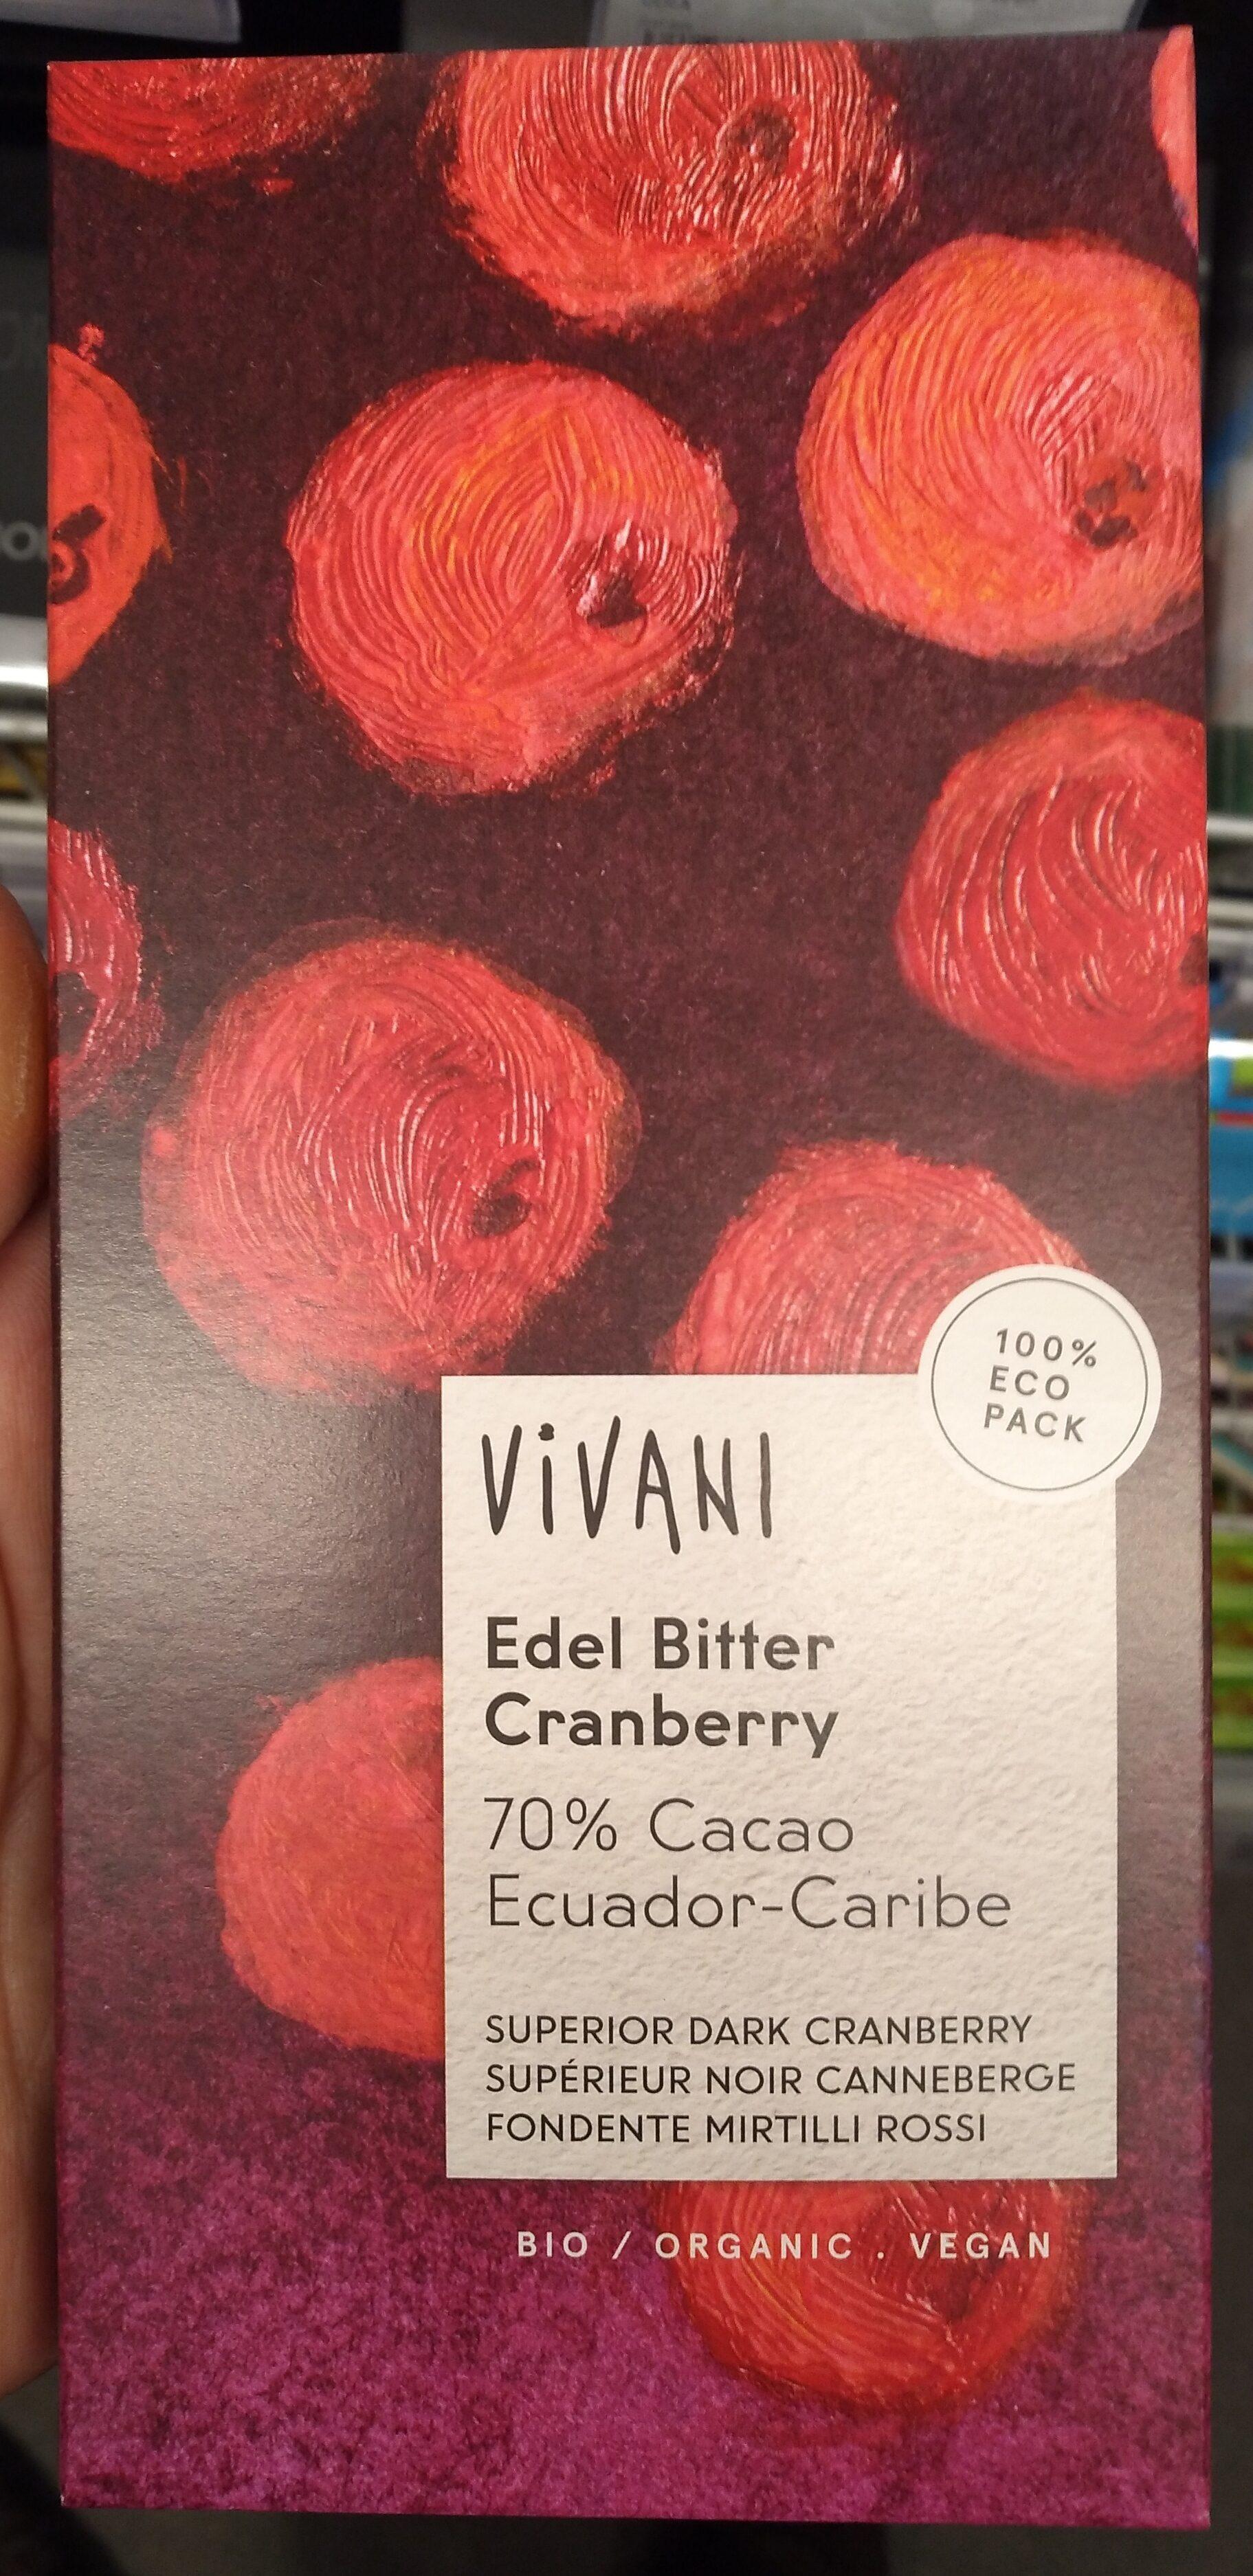 Edel Bitter Cranberry 70% Ecuador-Caribe - Product - de